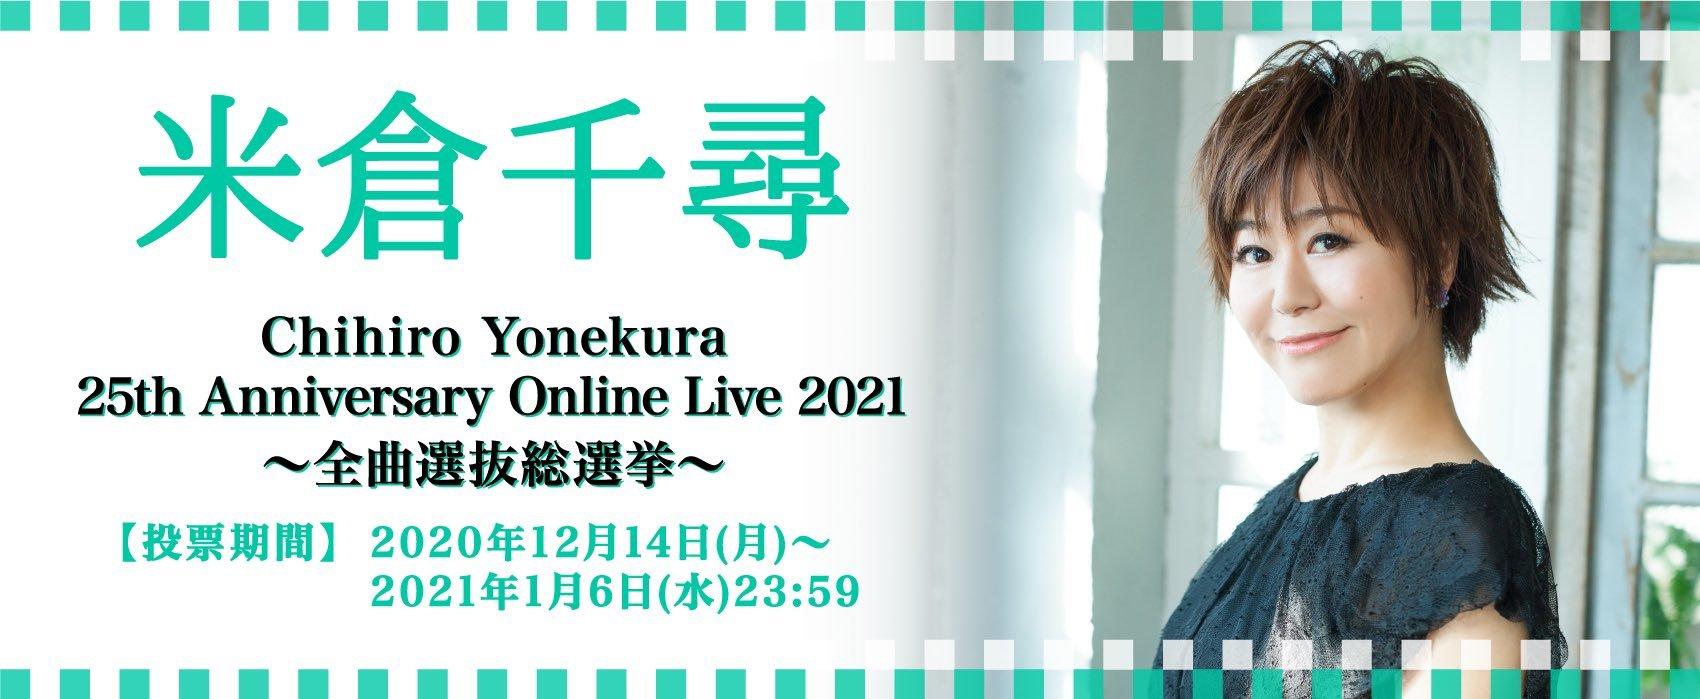 デビュー25周年記念日に「Chihiro Yonekura 25th Anniversary Online Live 2021 〜全曲選抜総選挙〜」開催決定!!_a0114206_11190345.jpeg